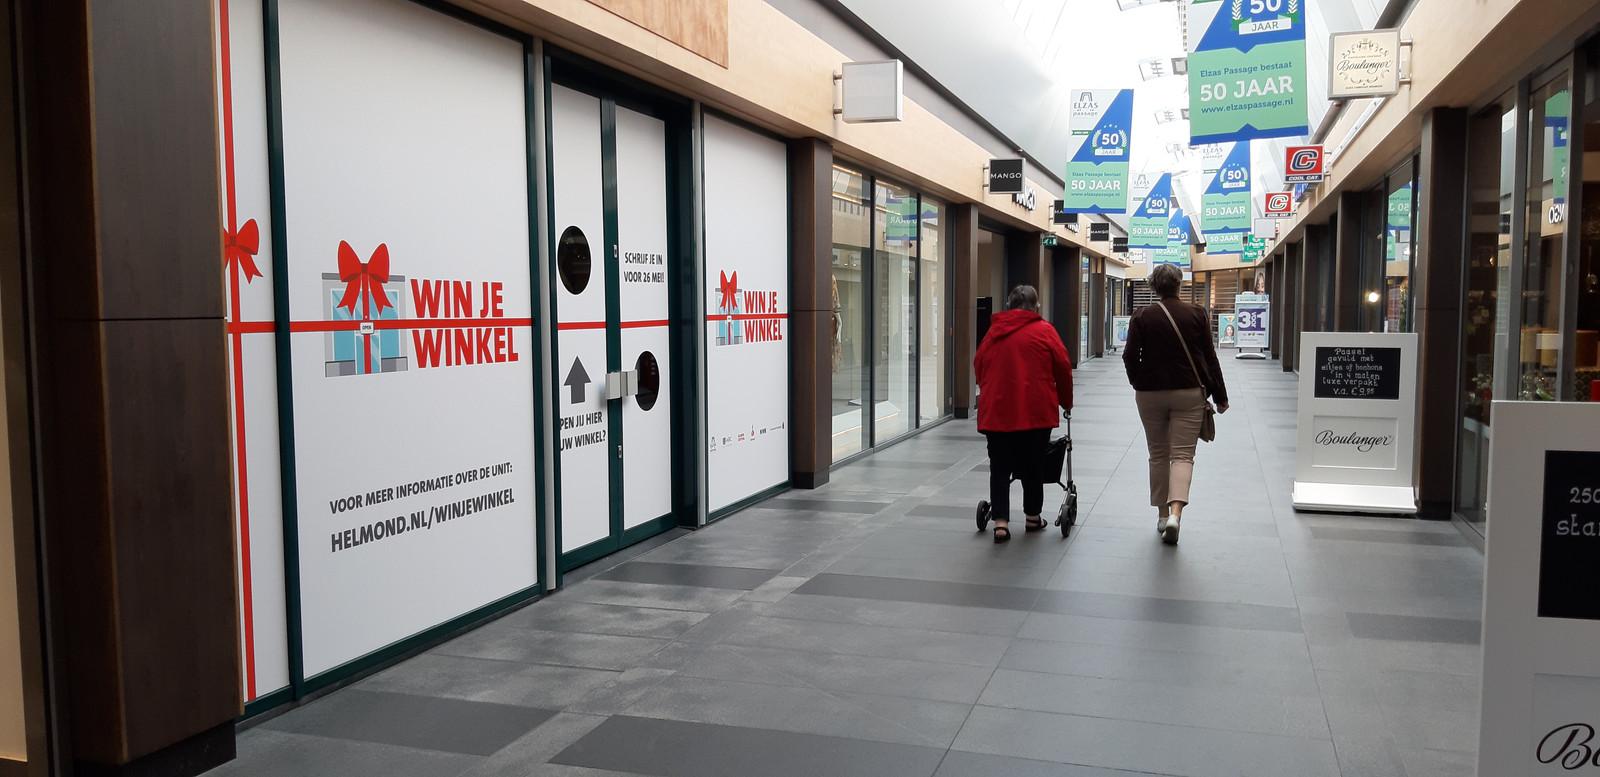 In de Elzas Passage is een gratis winkelruimte beschikbaar voor een ondernemer met een goed idee.